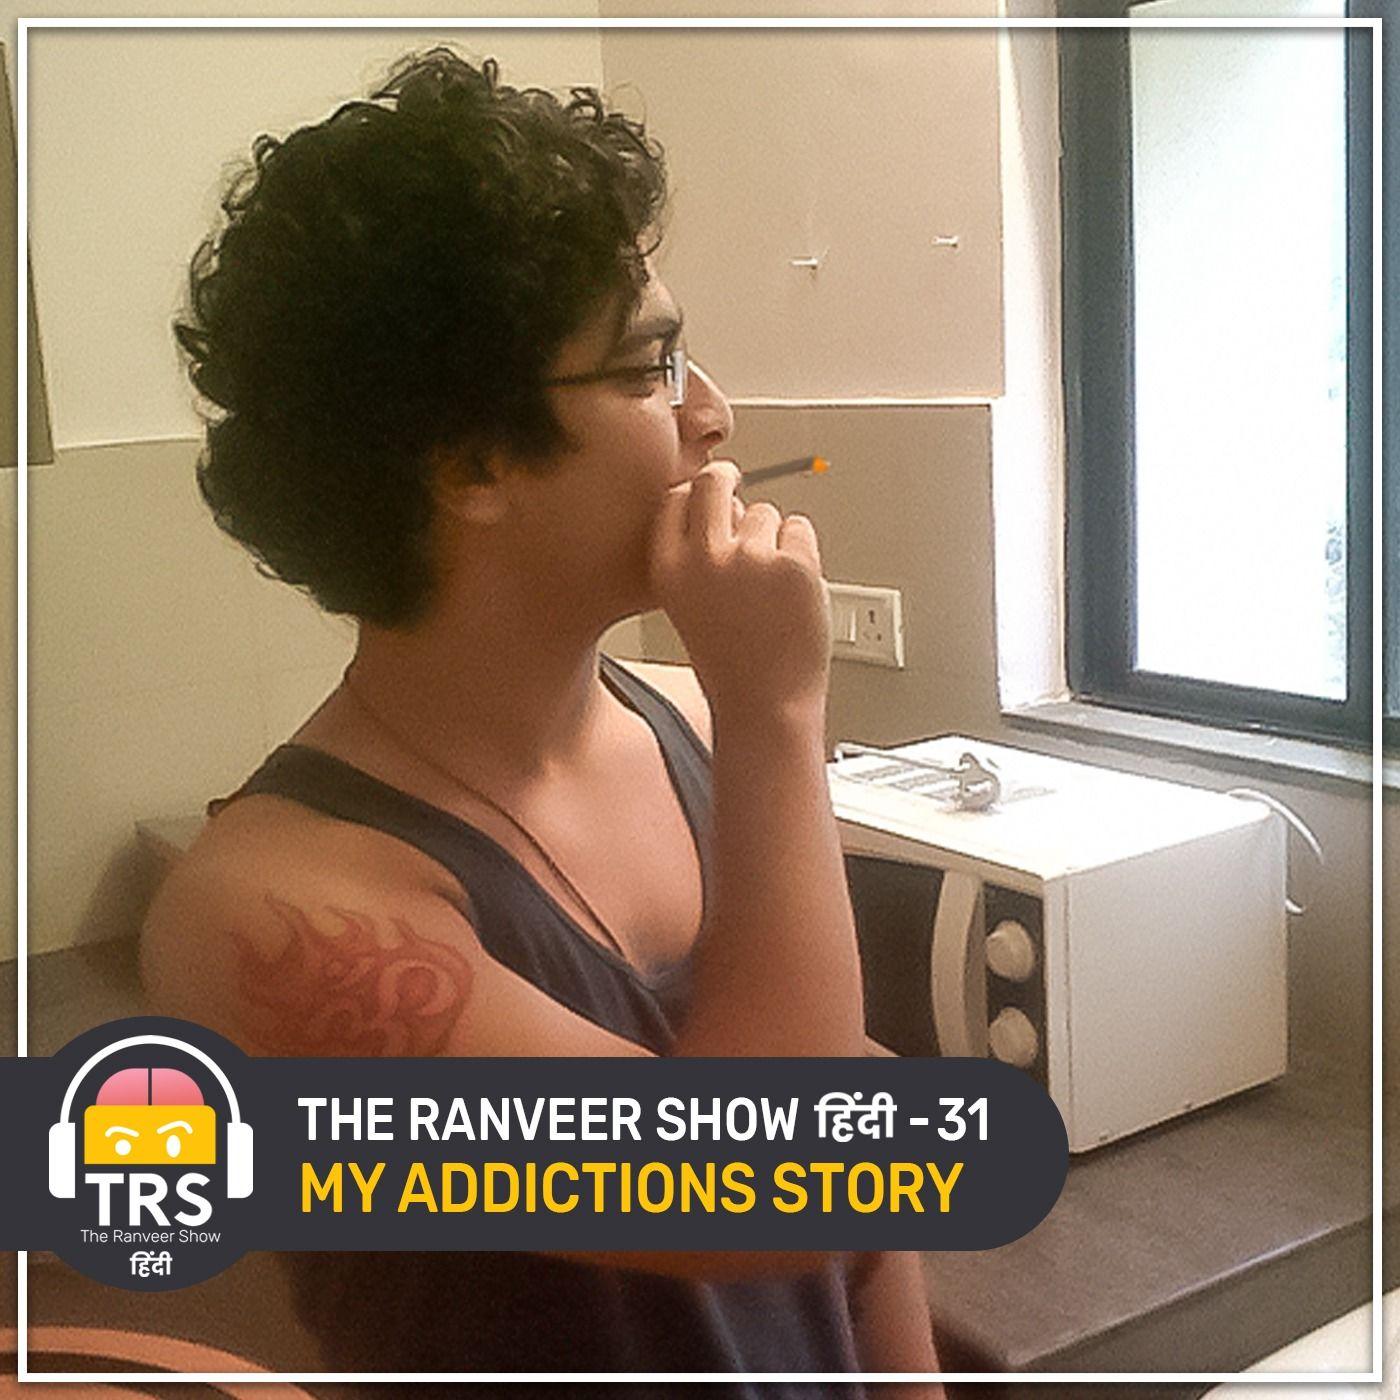 My HONEST Addiction Story | BeerBiceps True Story | The Ranveer Show हिंदी 31